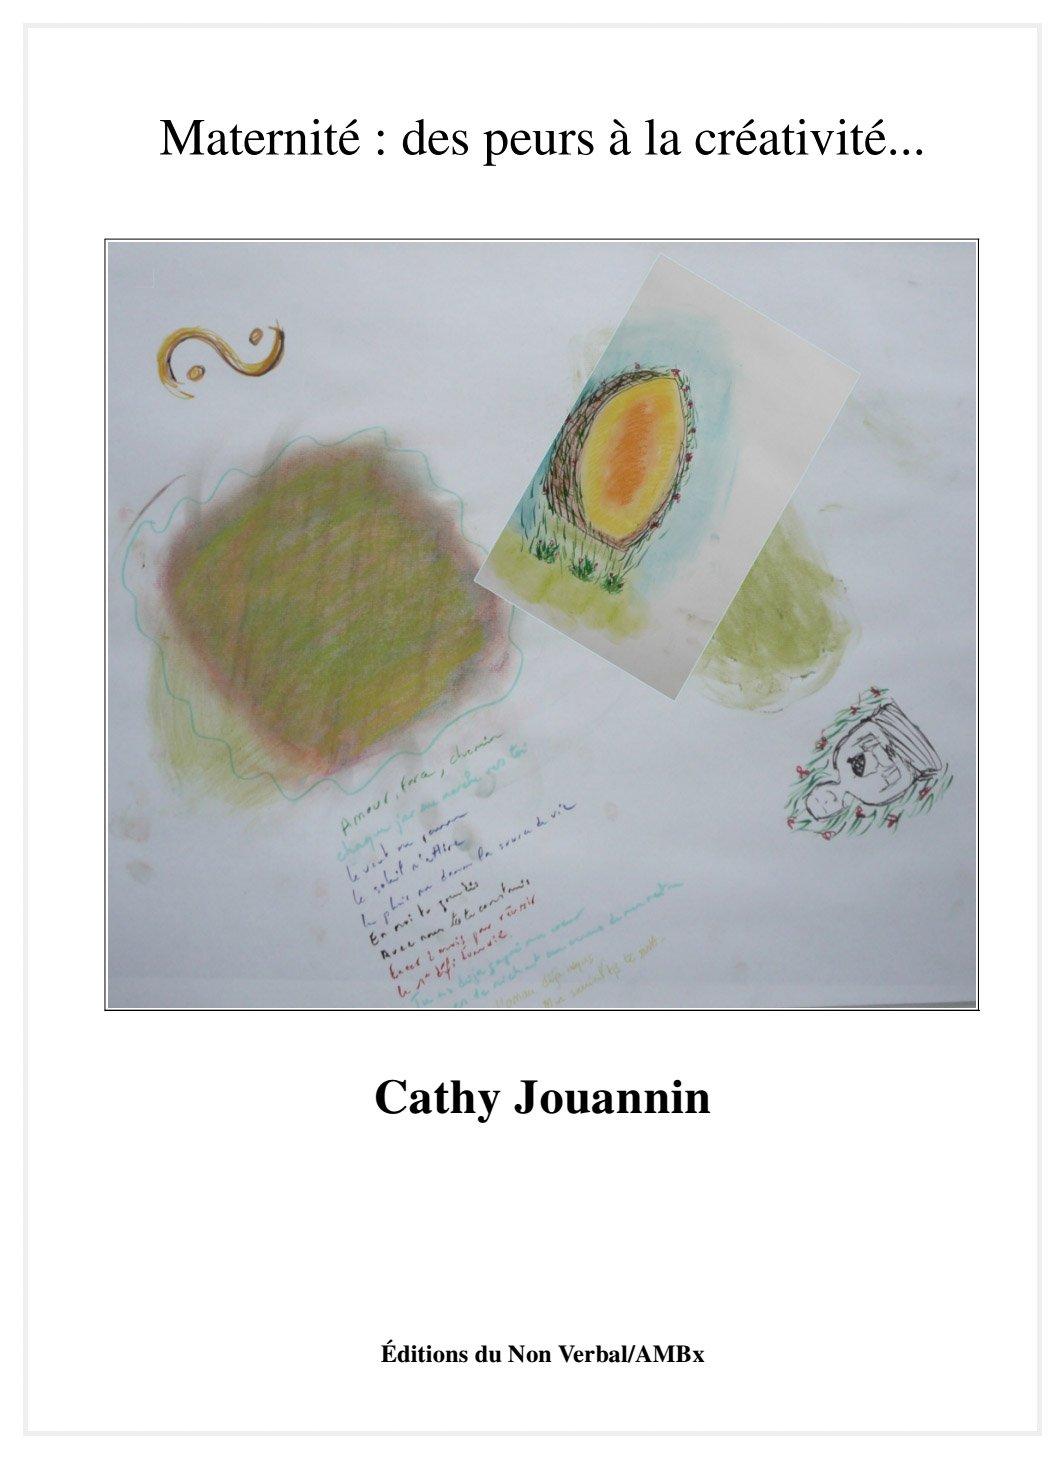 Maternité : des peurs à la créativité. / Cathy JOUANNIN